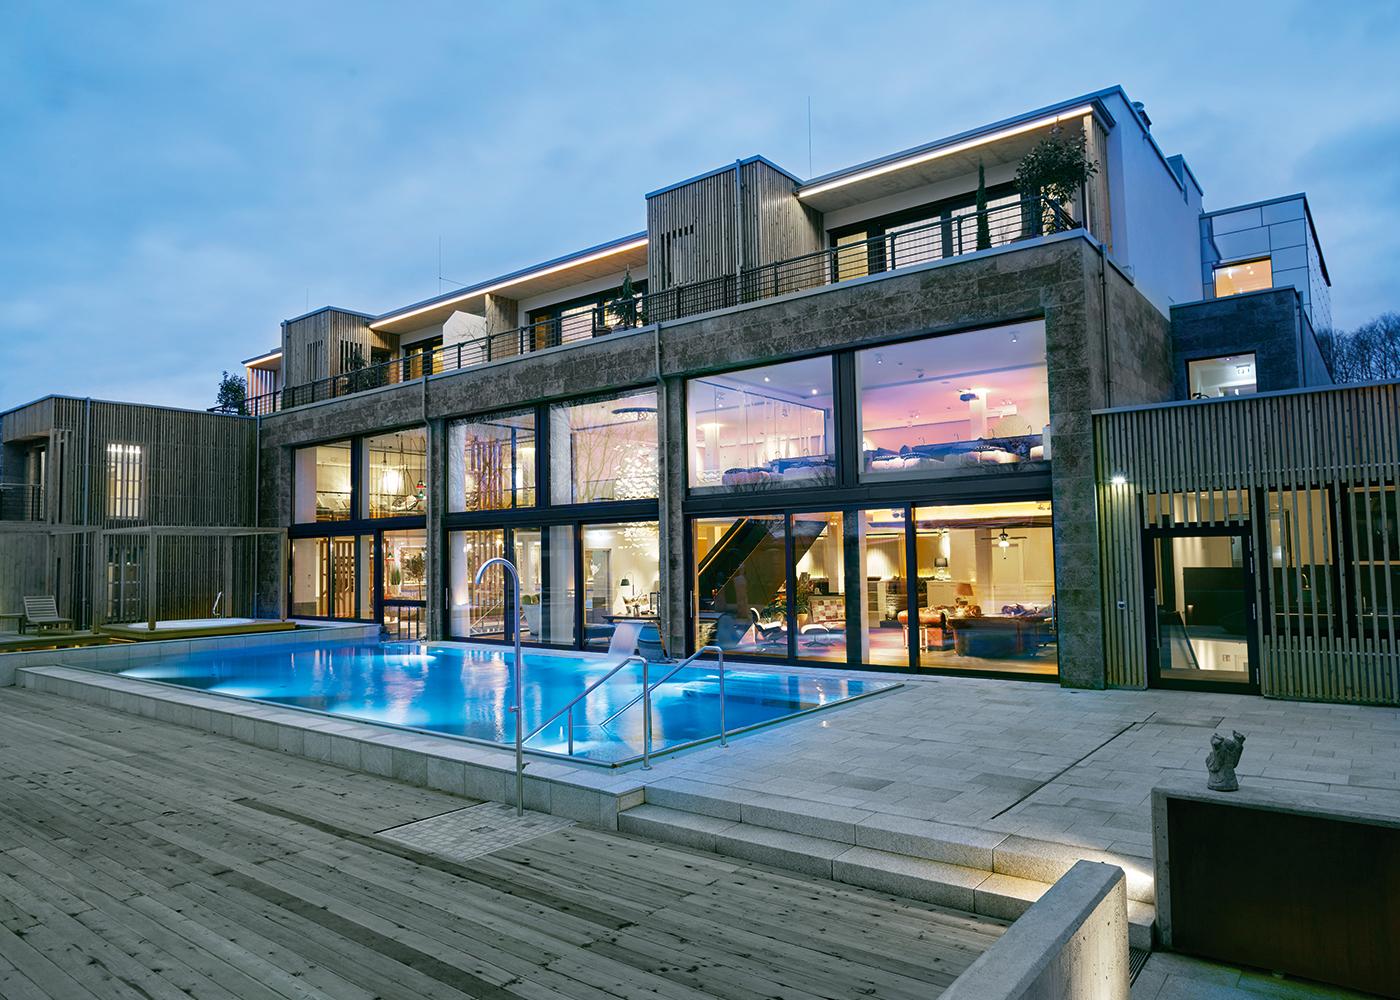 Wellnesshotels in oberhausen nordrhein westfalen for Moderne hotels nrw